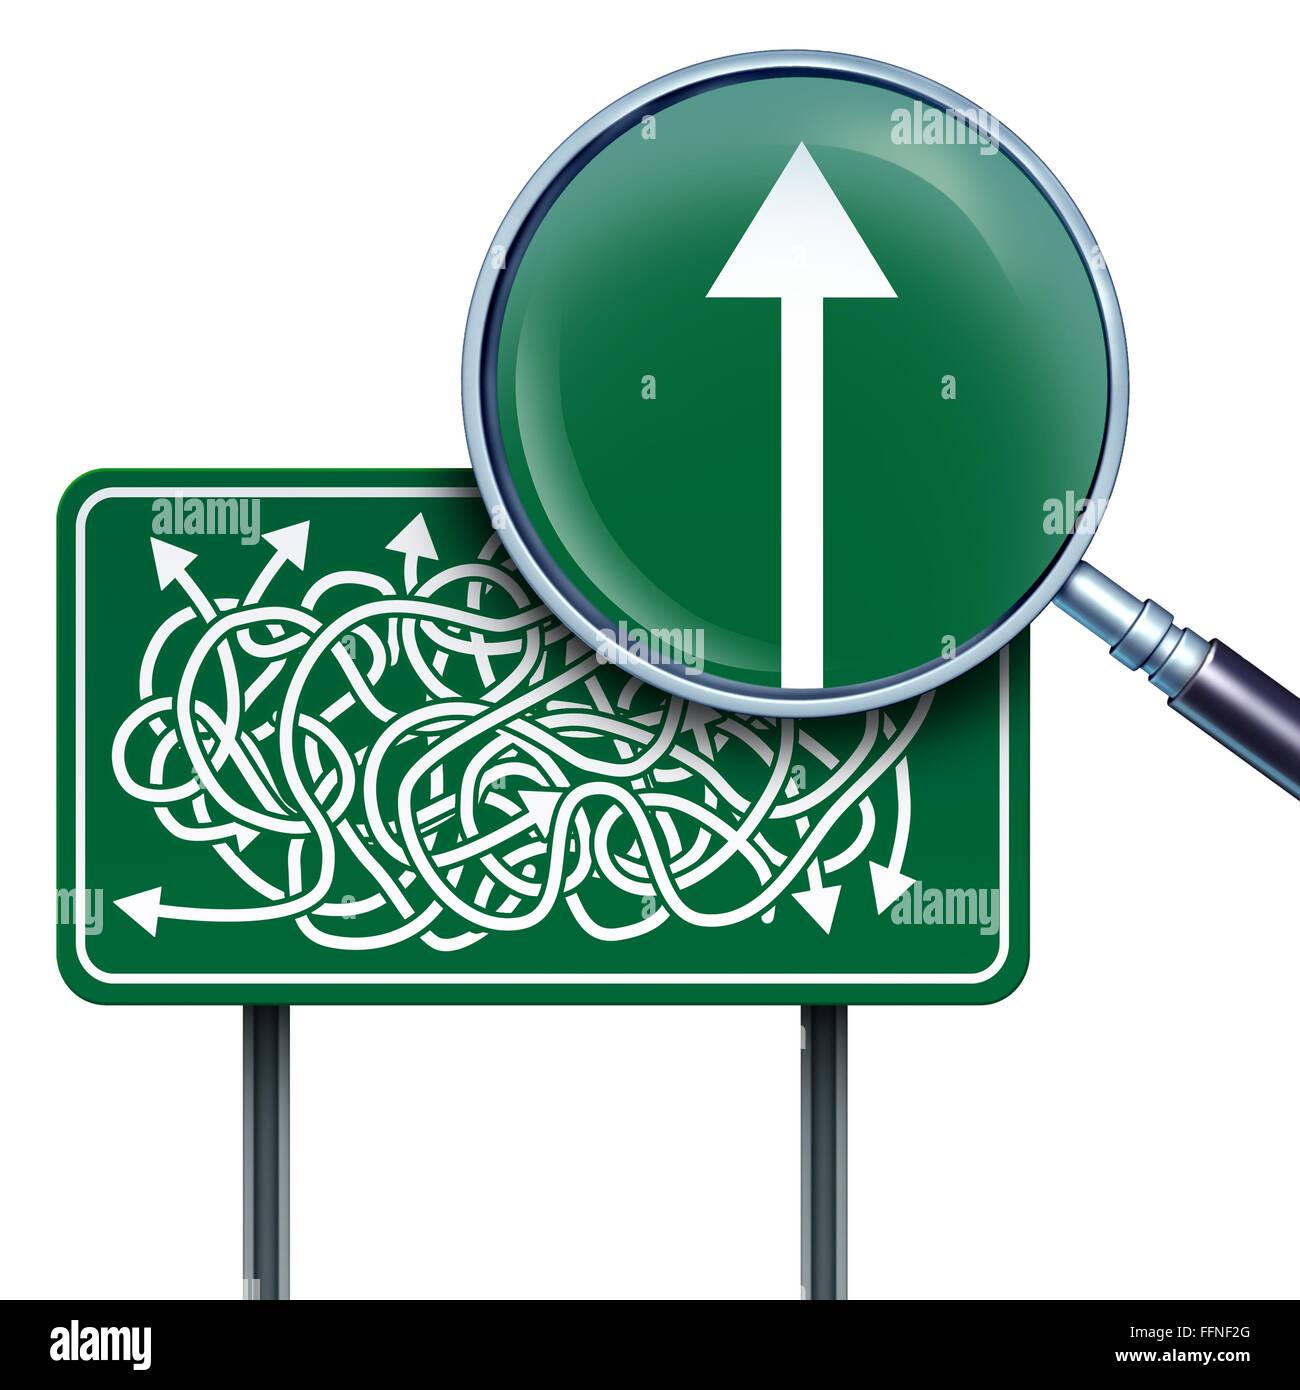 Erfolg-Vision-Business-Konzept als ein Autobahn-Schild mit verwirrt verdreht Richtungspfeile und eine Lupe mit einem Stockbild